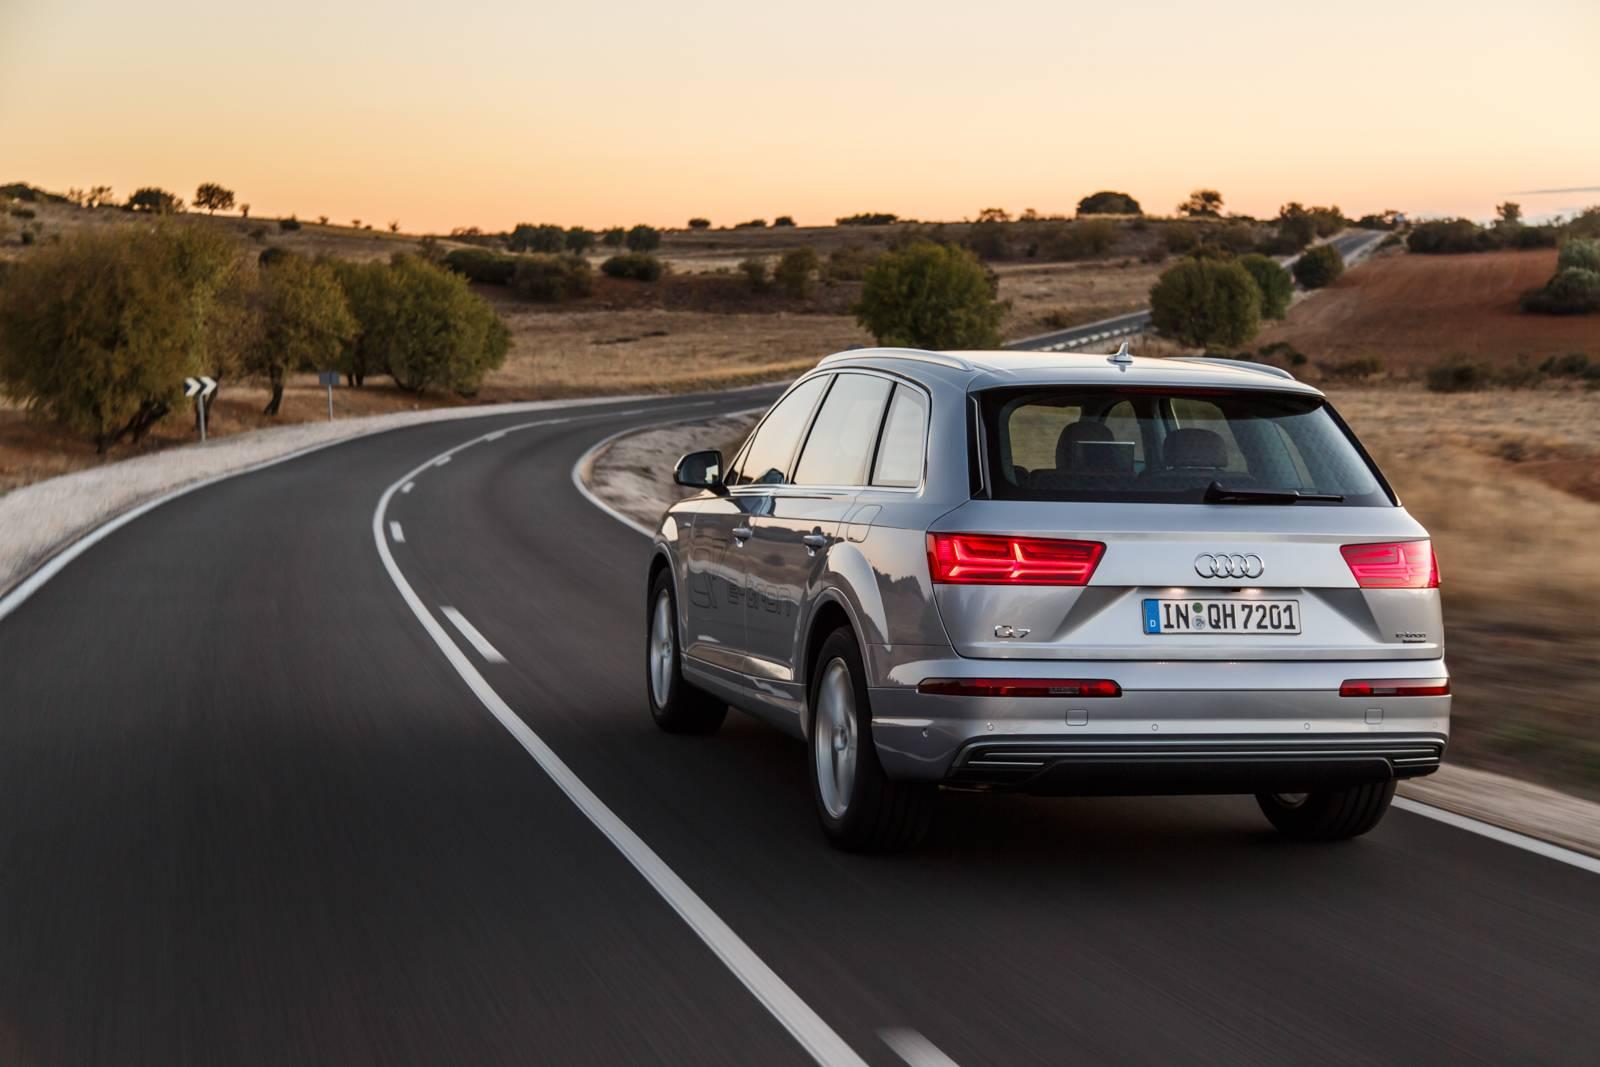 2016 Audi Q7 e-tron quattro rear